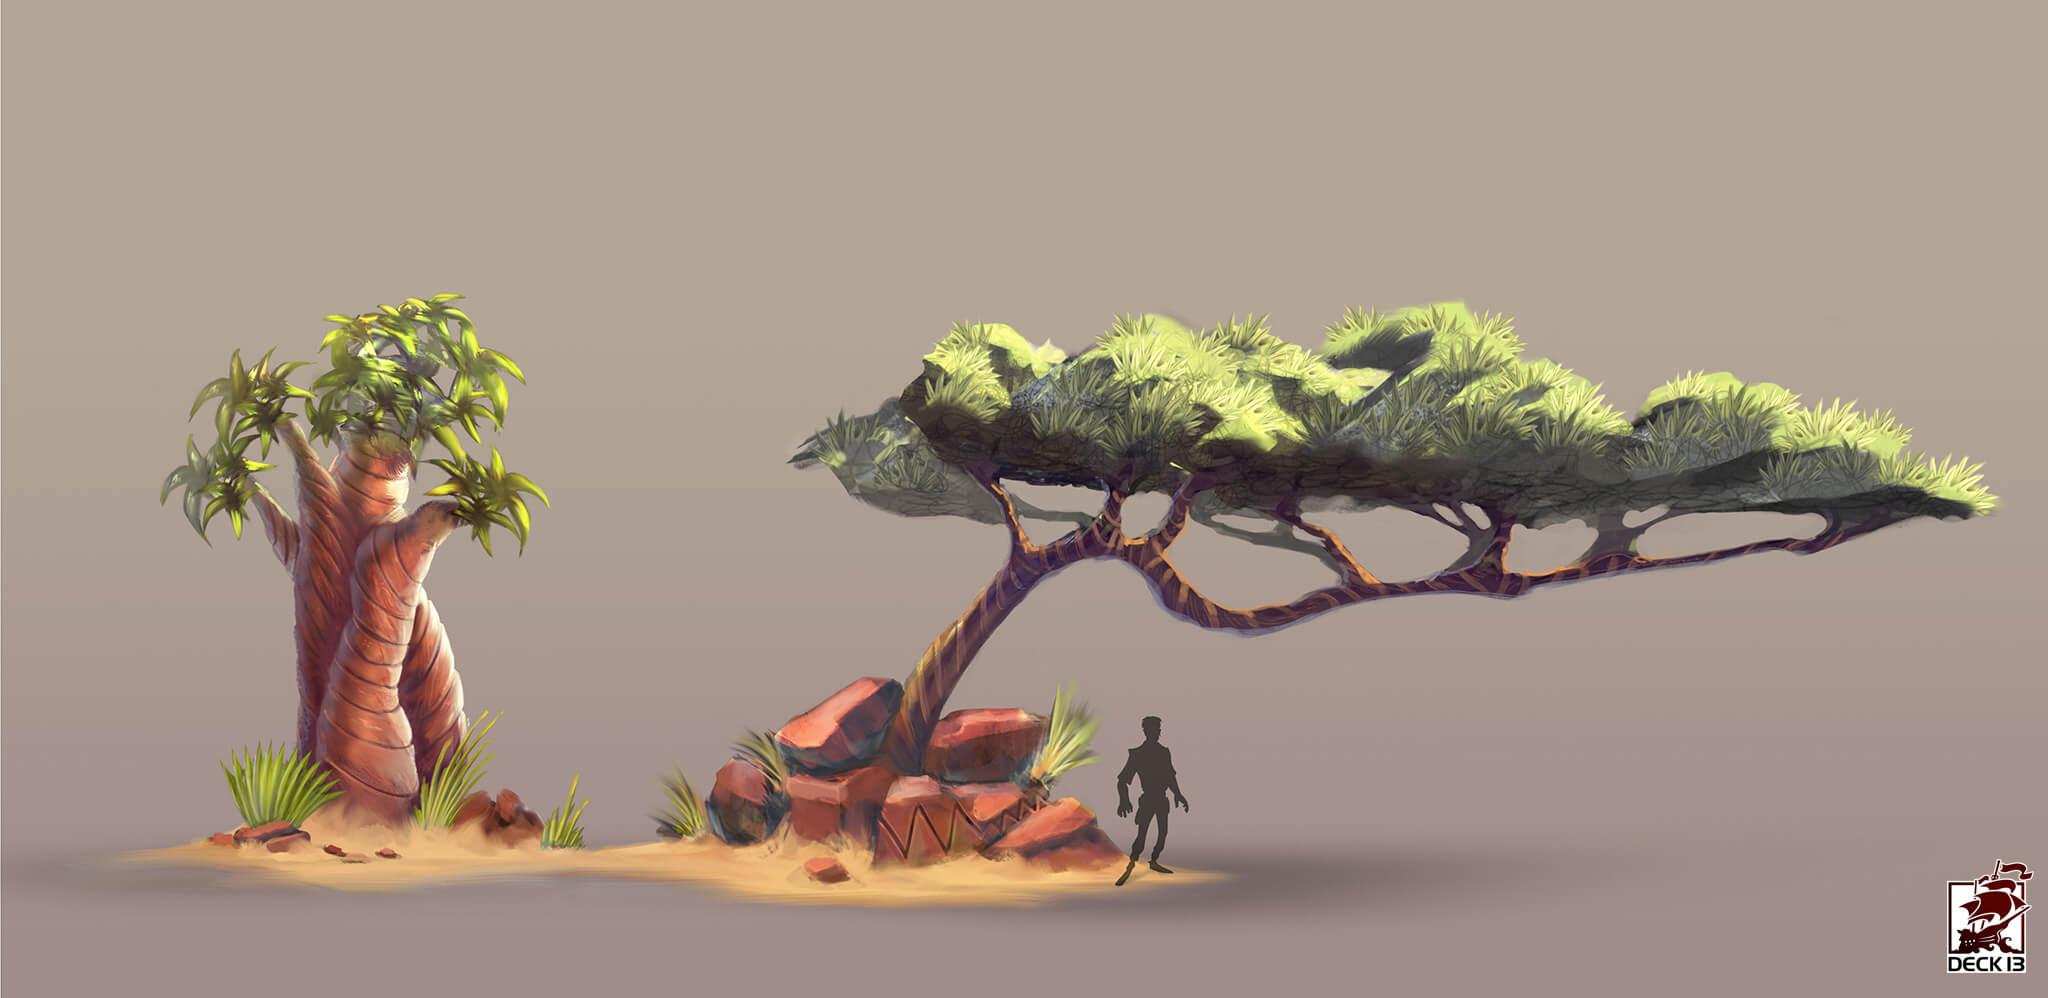 jack-keane-2-deck13-concept-art-felix-botho-haas-savannah_trees_001